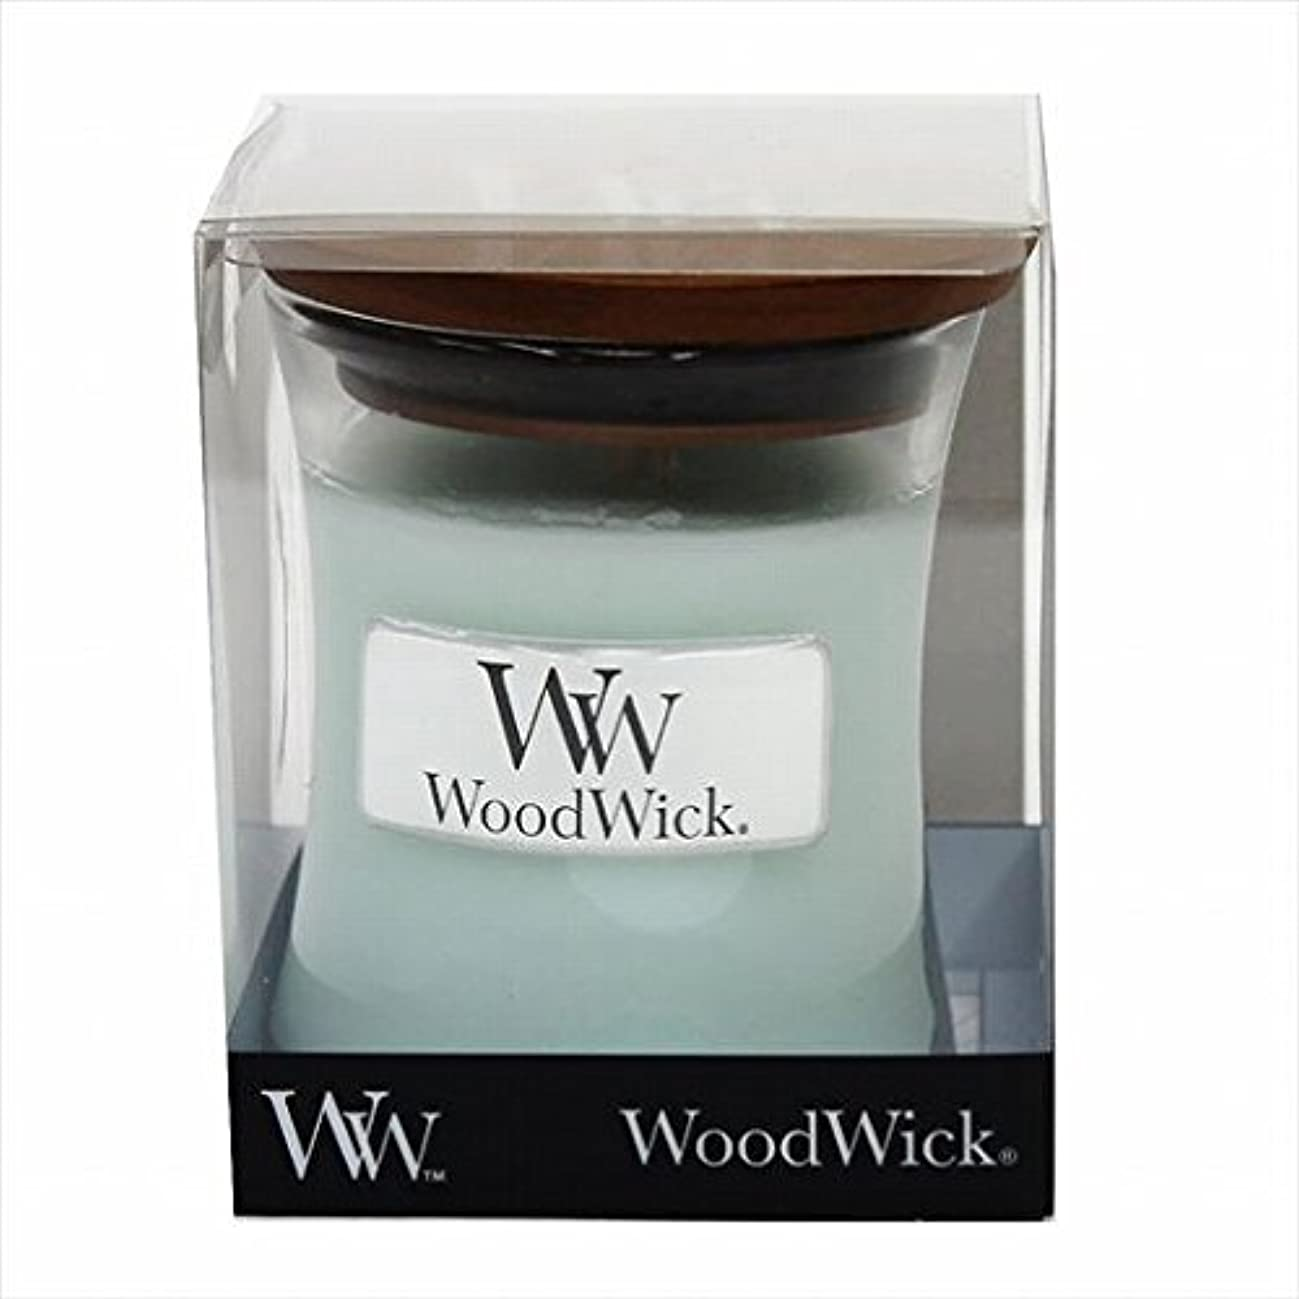 エンドテーブル階層レビュアーカメヤマキャンドル( kameyama candle ) Wood Wick ジャーS 「 ピュアコンフォート 」